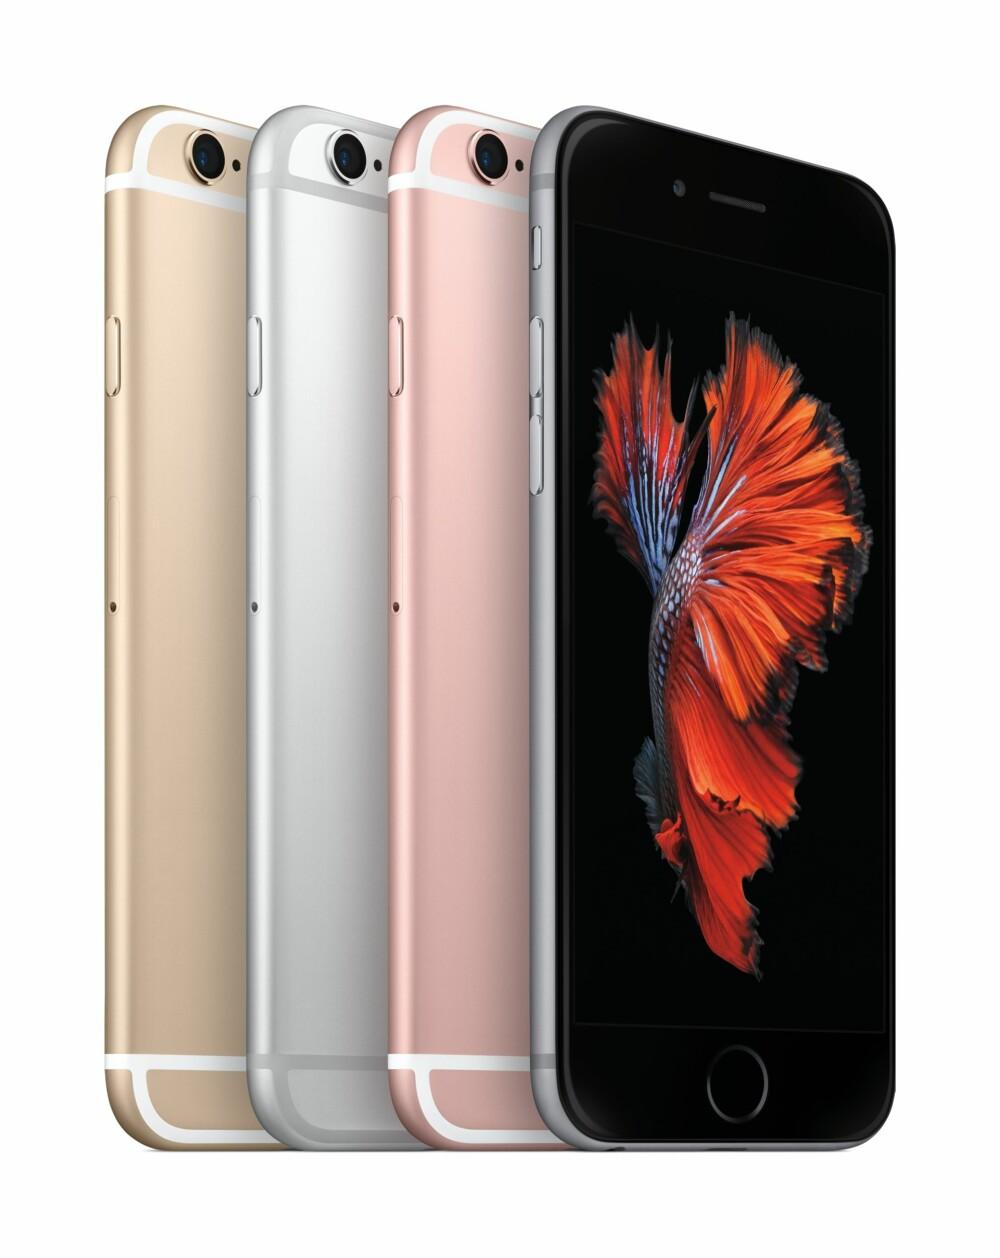 FARGEVALG: Apple iPhone 6s kommer i fire forskjellige farger.